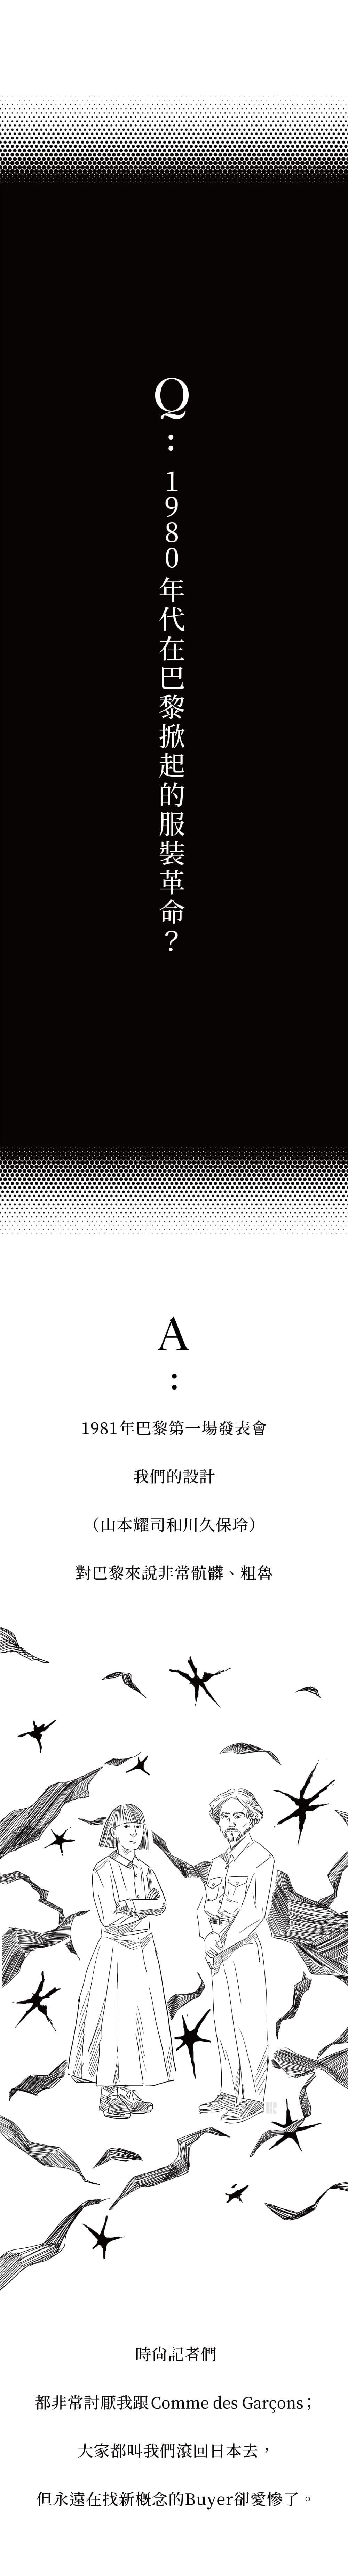 1980年,山本耀司與川久保玲掀起一場服裝革命